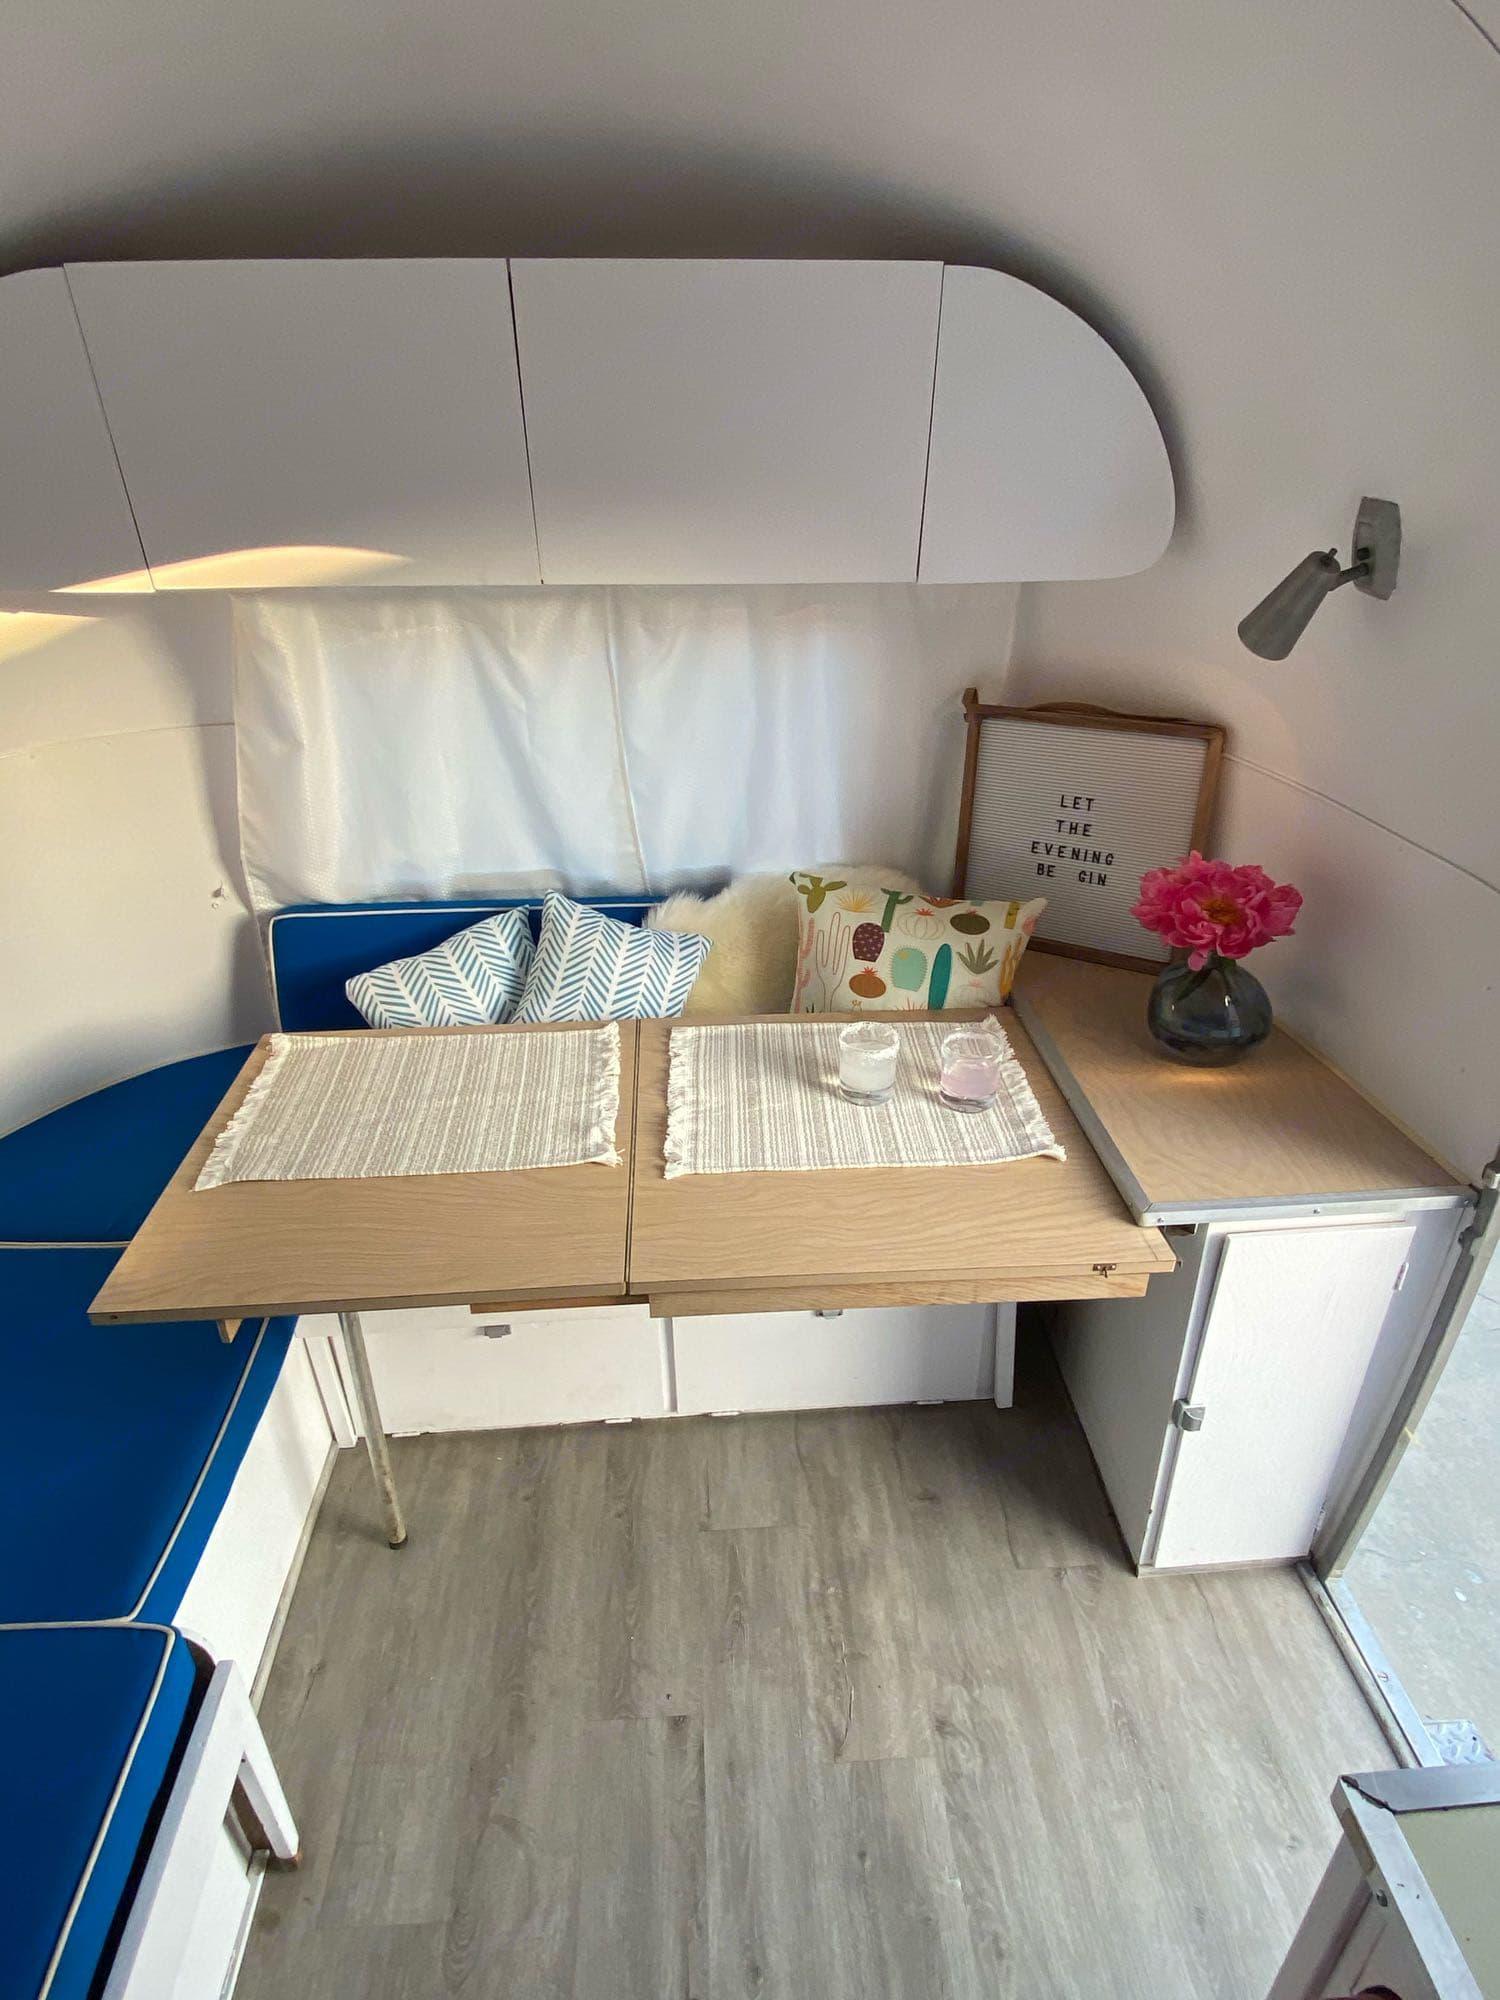 Airstream Caravel 1967